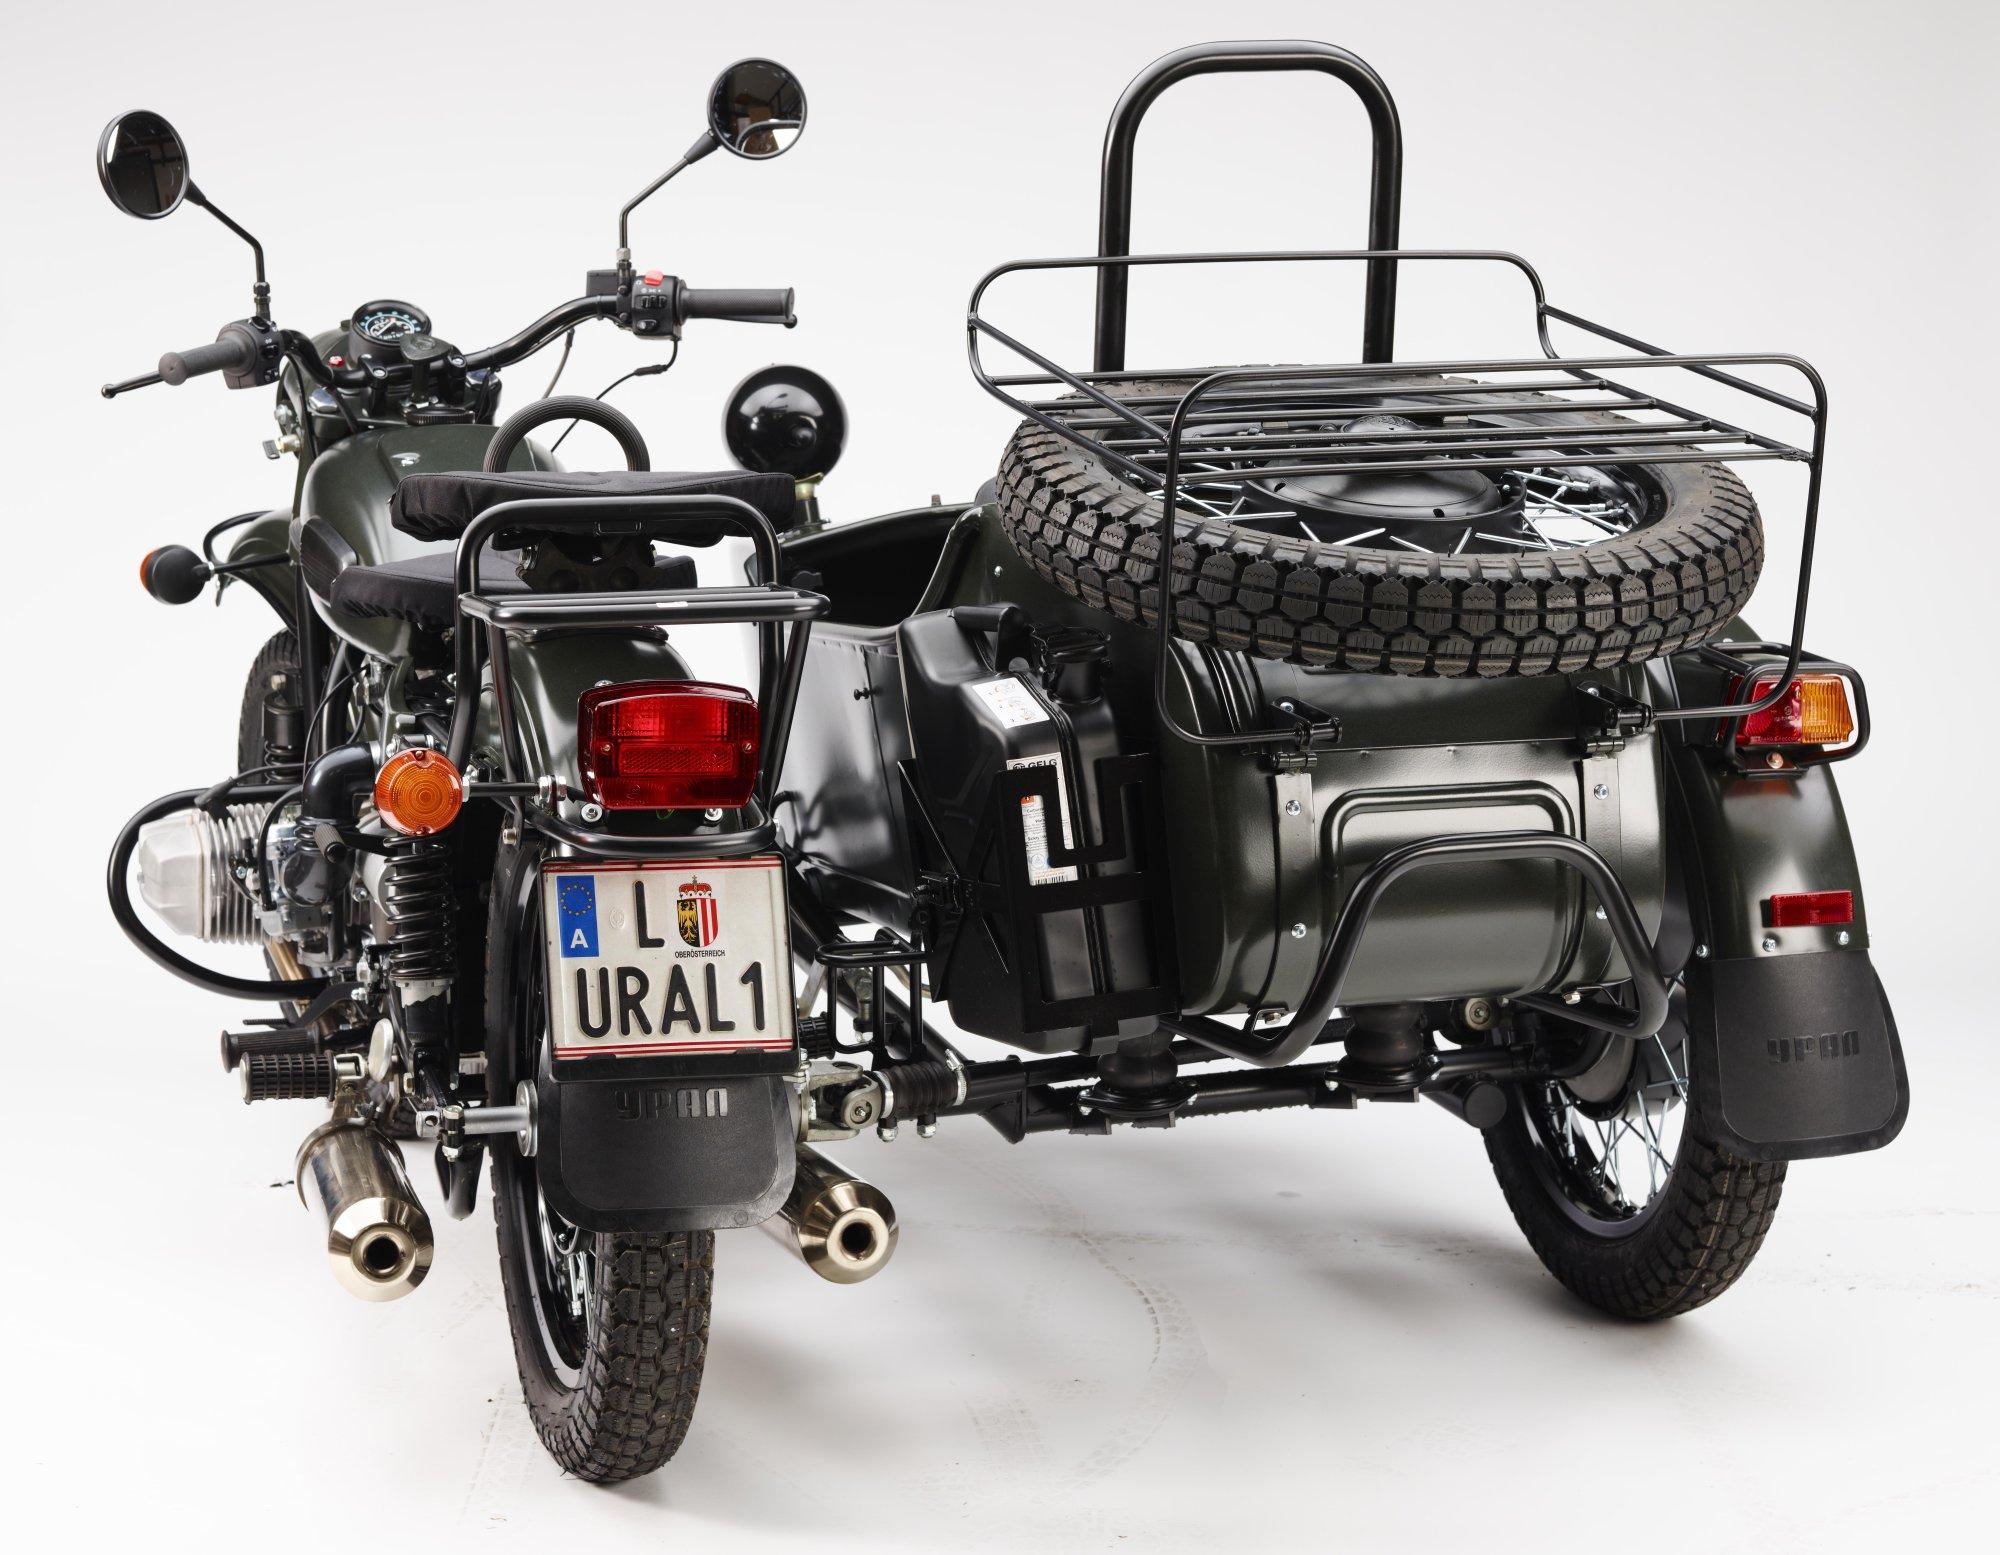 gebrauchte und neue ural ranger motorr der kaufen. Black Bedroom Furniture Sets. Home Design Ideas